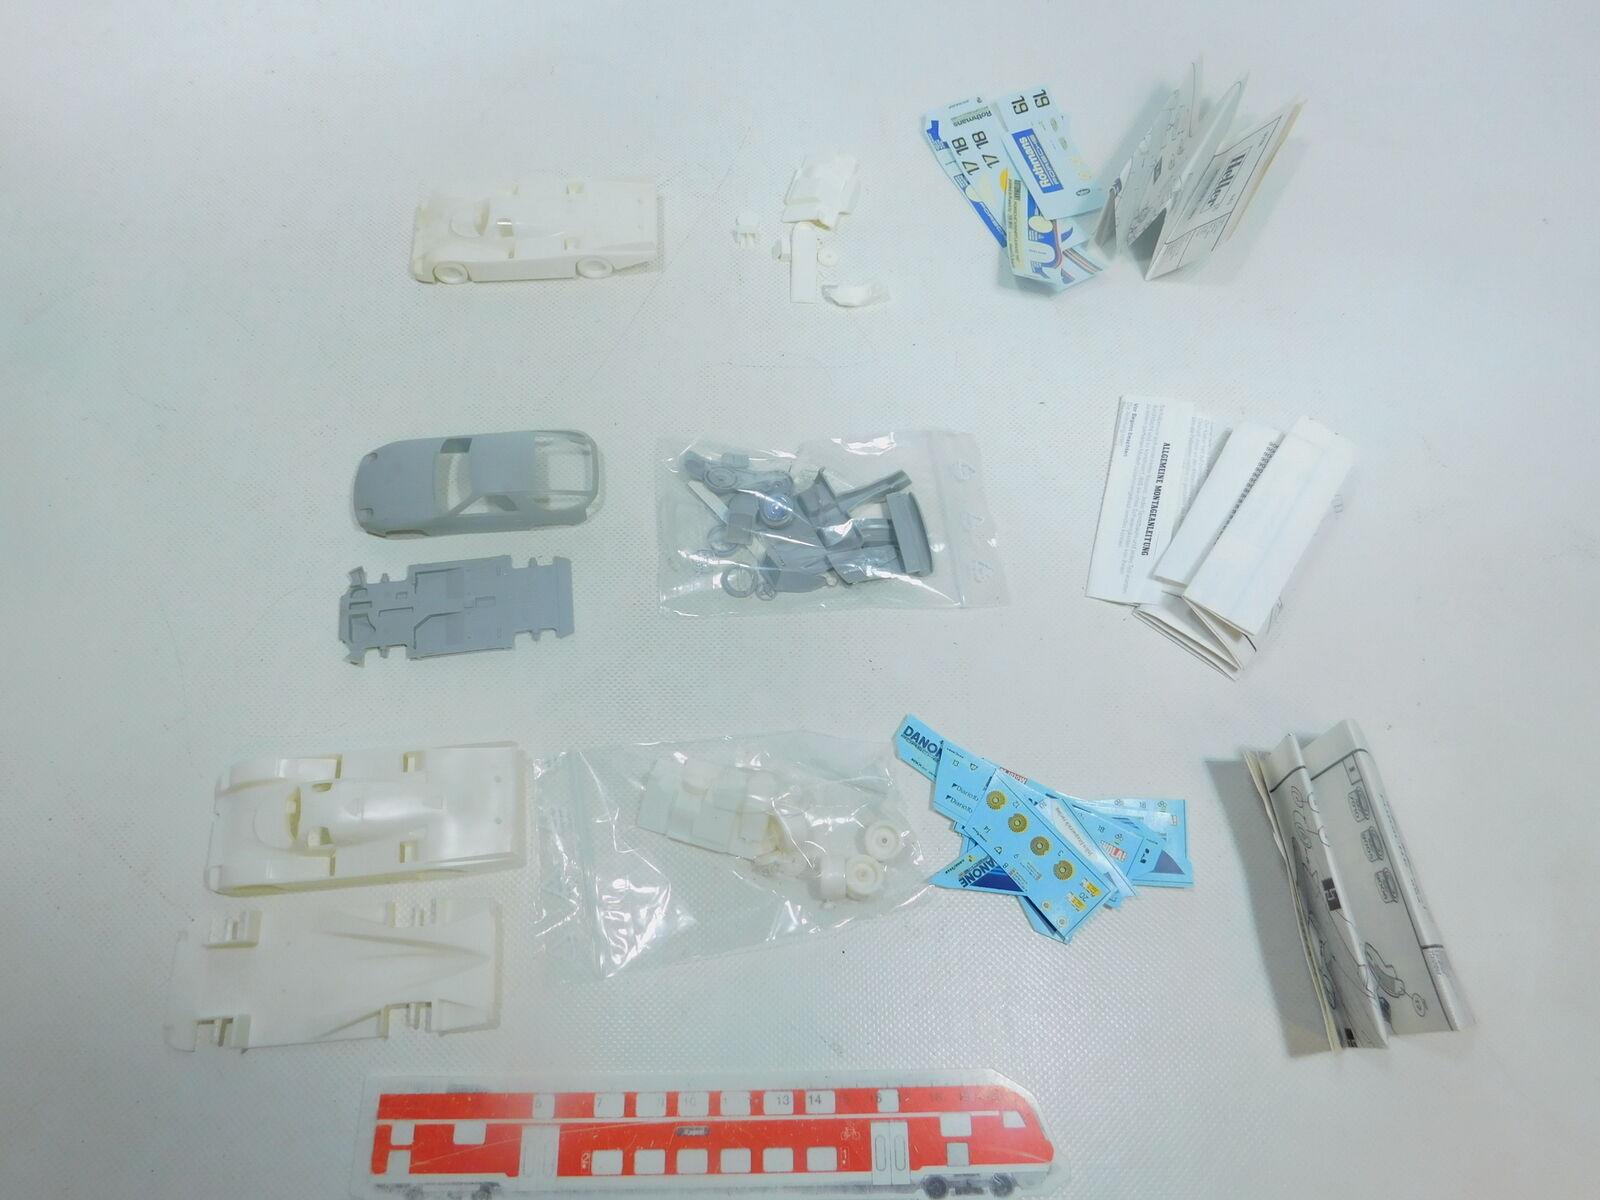 Bx803-0,5  3x Heller 1 43 Kit de Montage Porsche    962+928 ,Petites Pièces  des prix moins chers